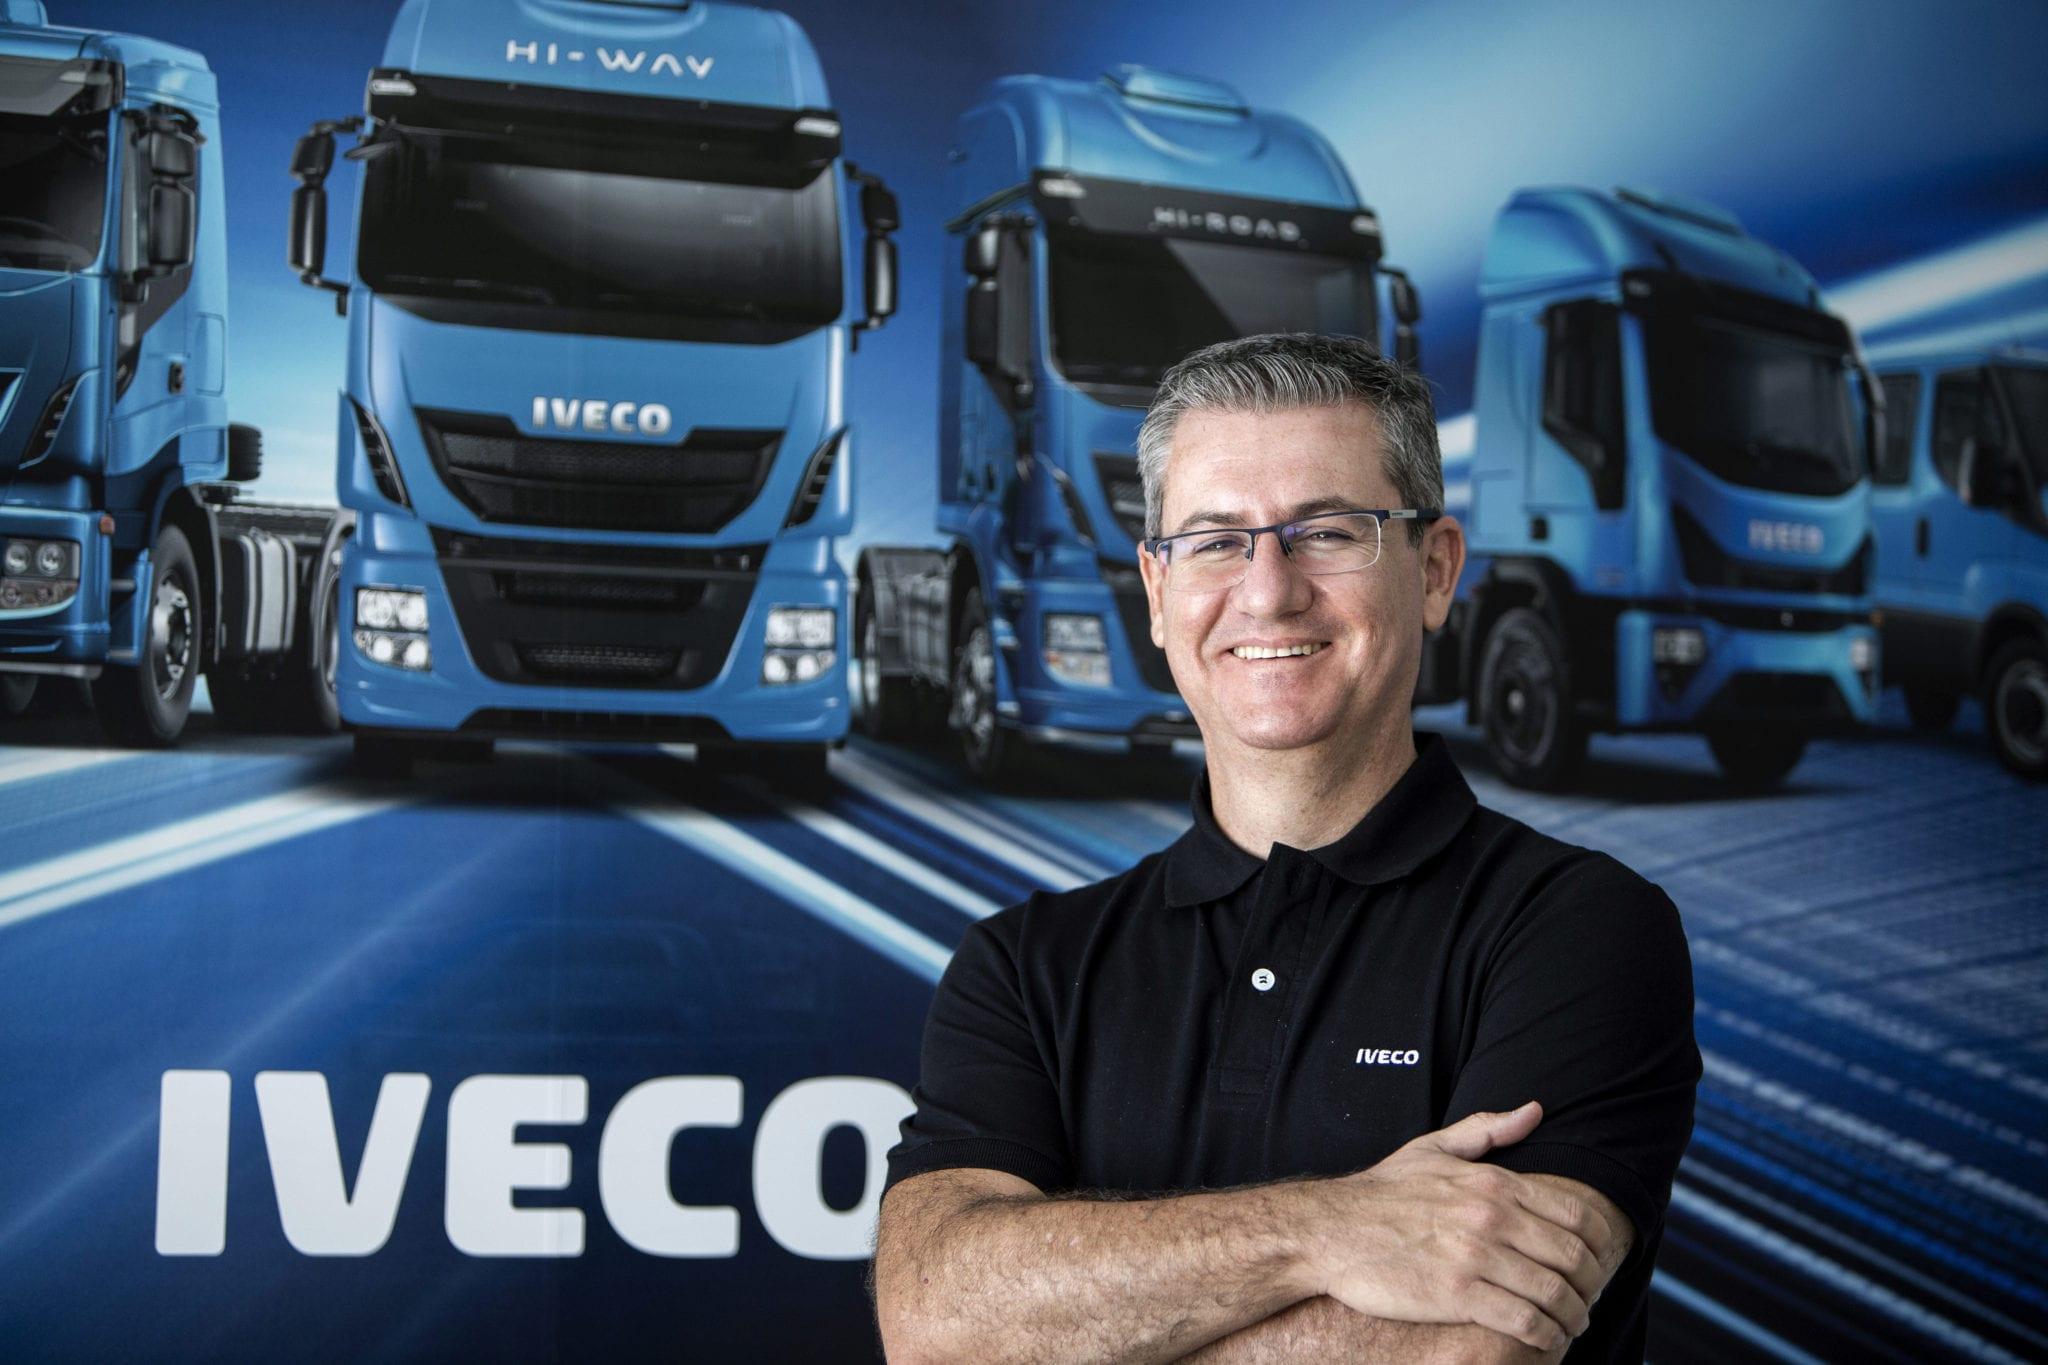 Complexo Industrial da IVECO completa 20 anos promovendo tecnologia e inovação no Brasil